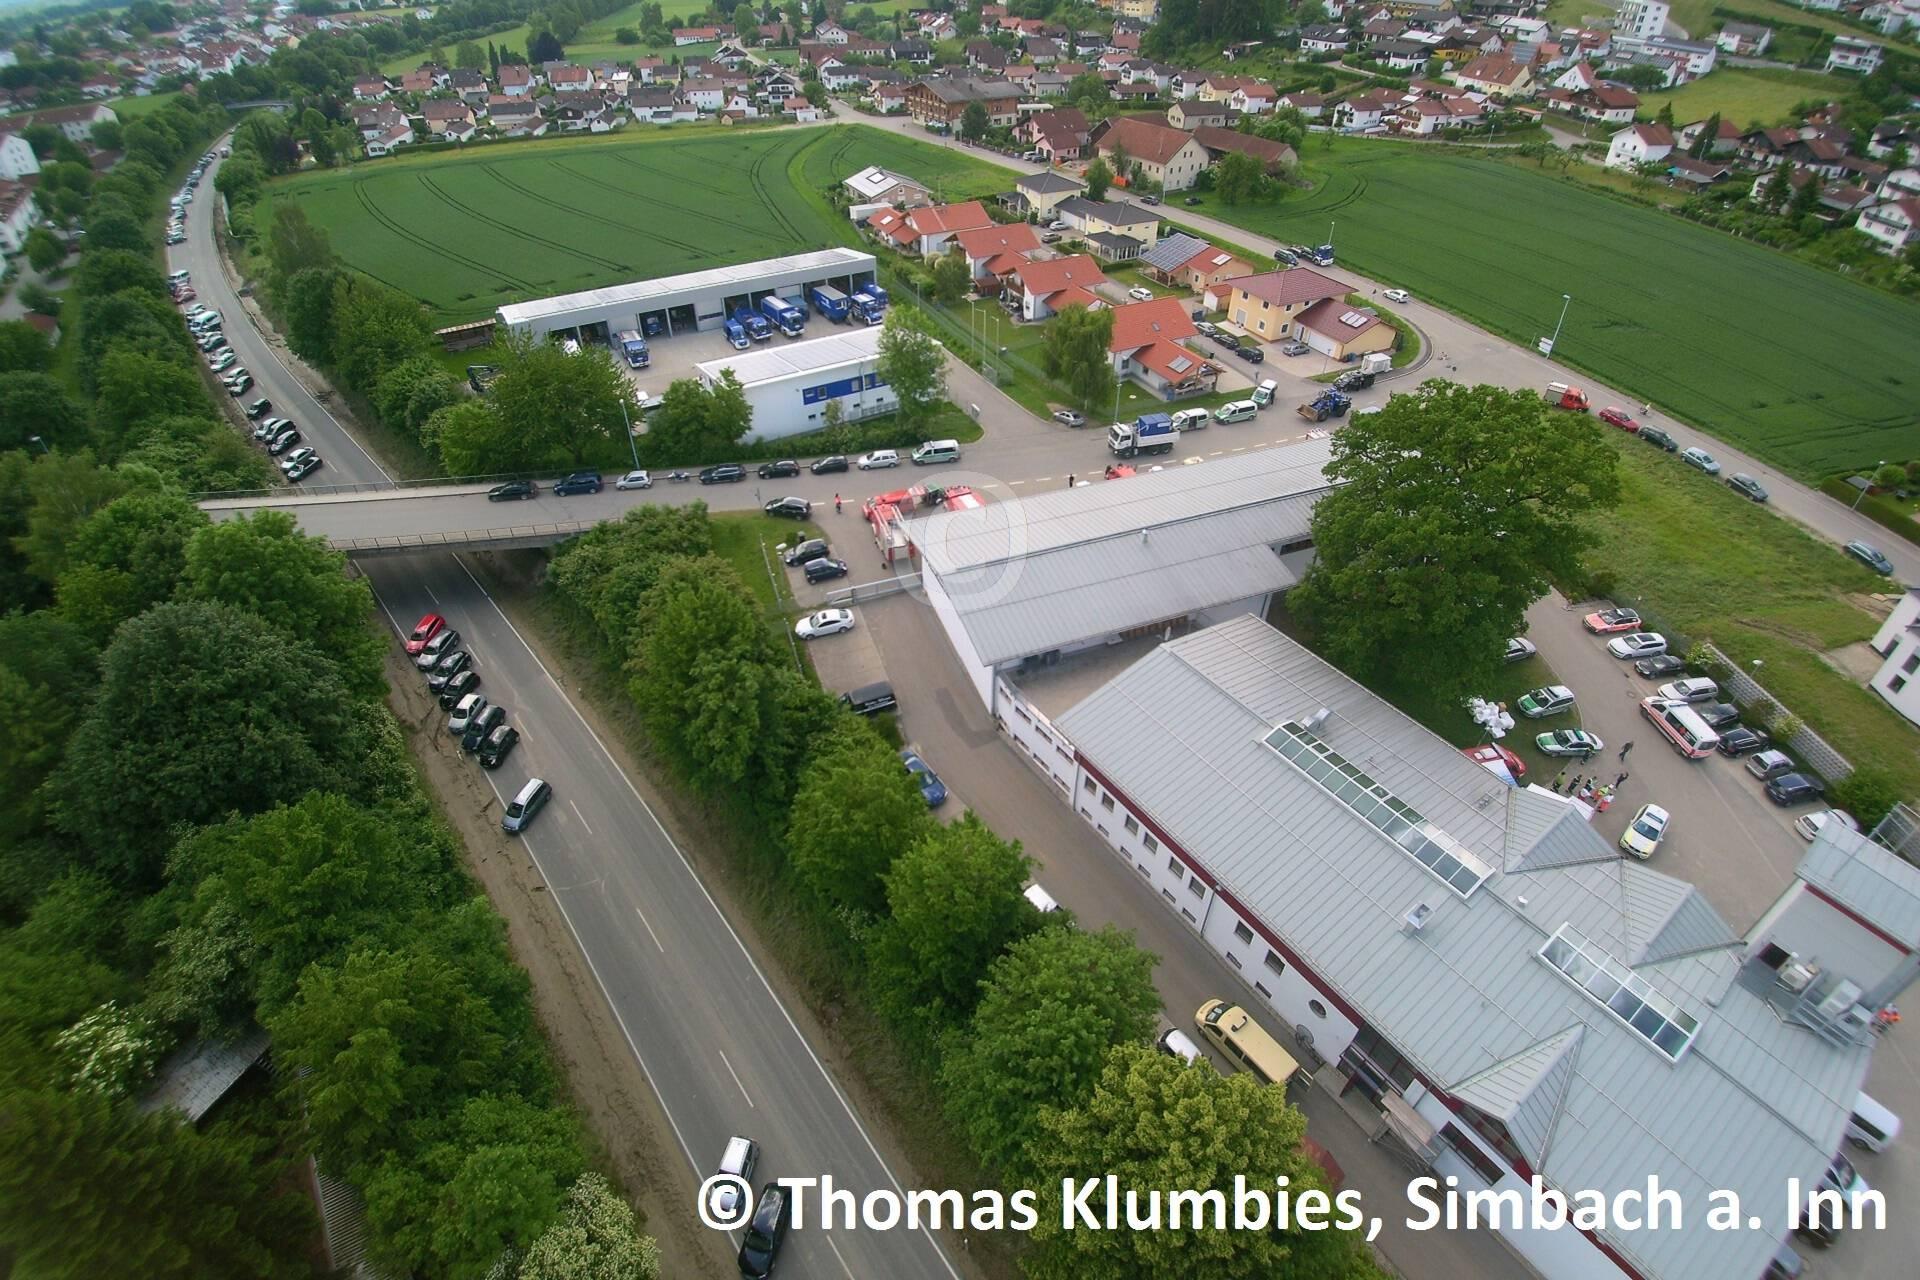 Blick auf das Simbacher Feuerwehrhaus